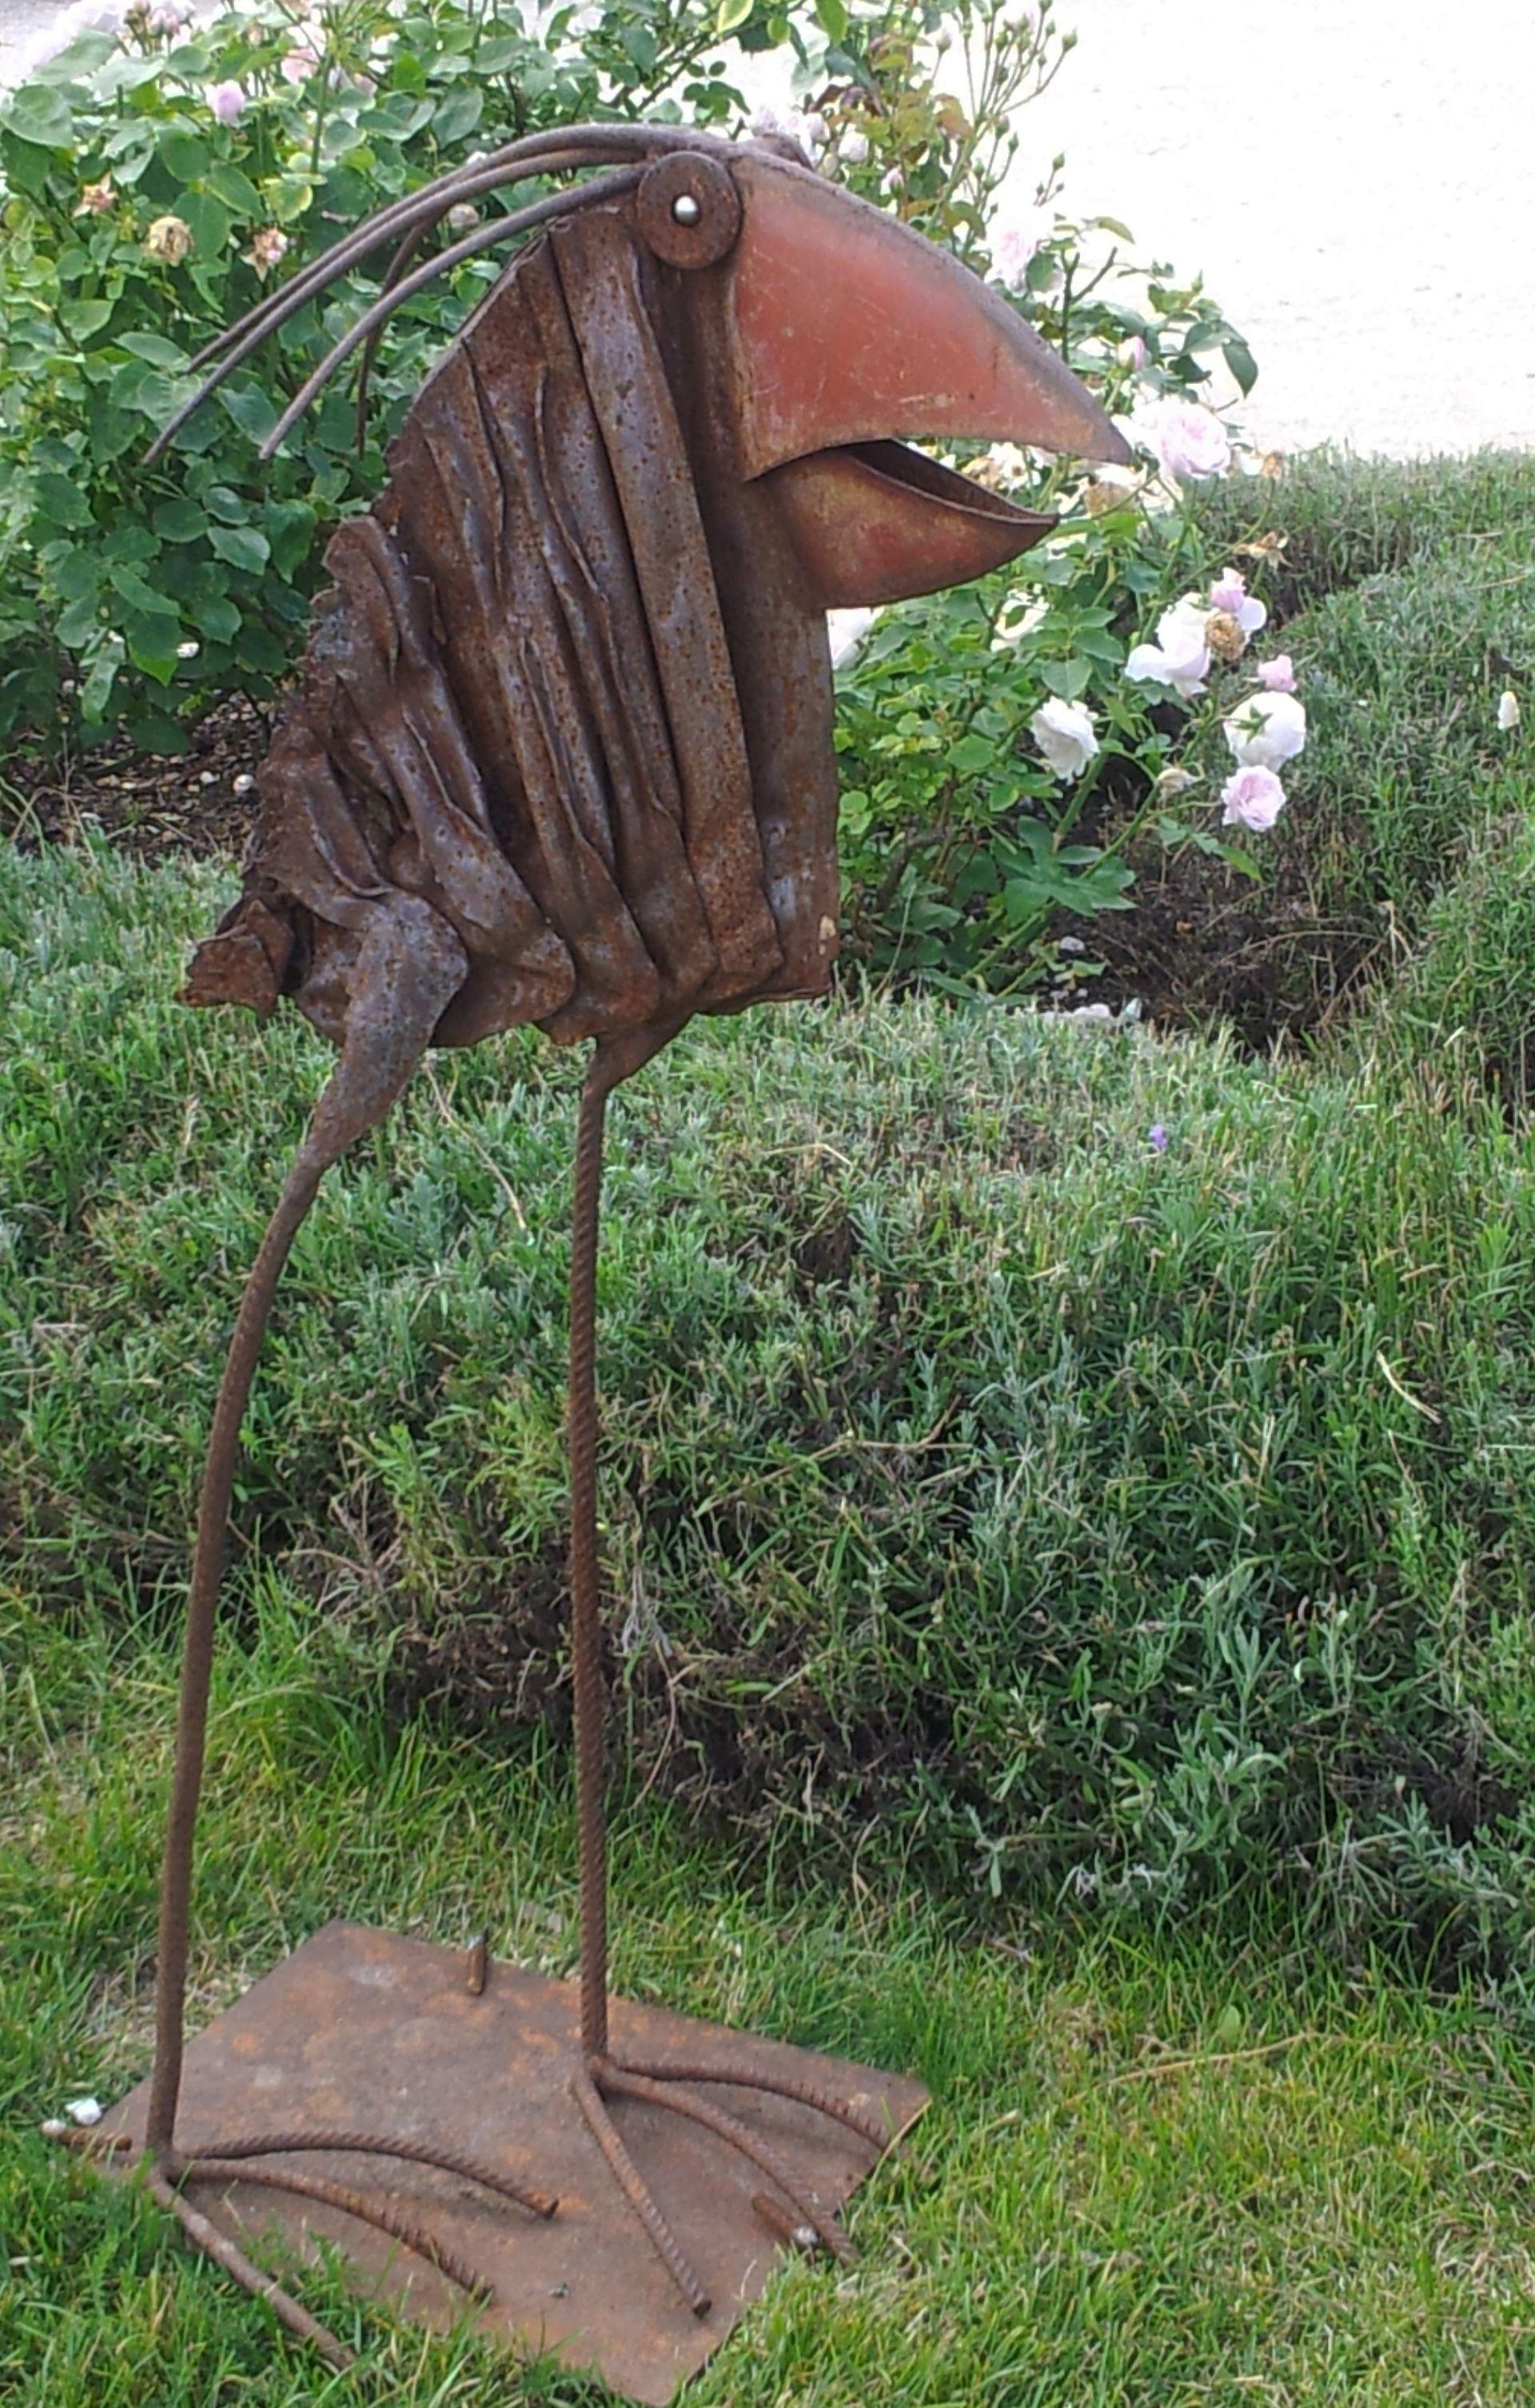 Chris Kircher Vogel Aus Einer Alten Heizung Gross Genug Fur Den Garten Der Rote Schnabel Aus Einer Alten Gasflasche Vo Scrap Metal Art Metal Art Welding Art